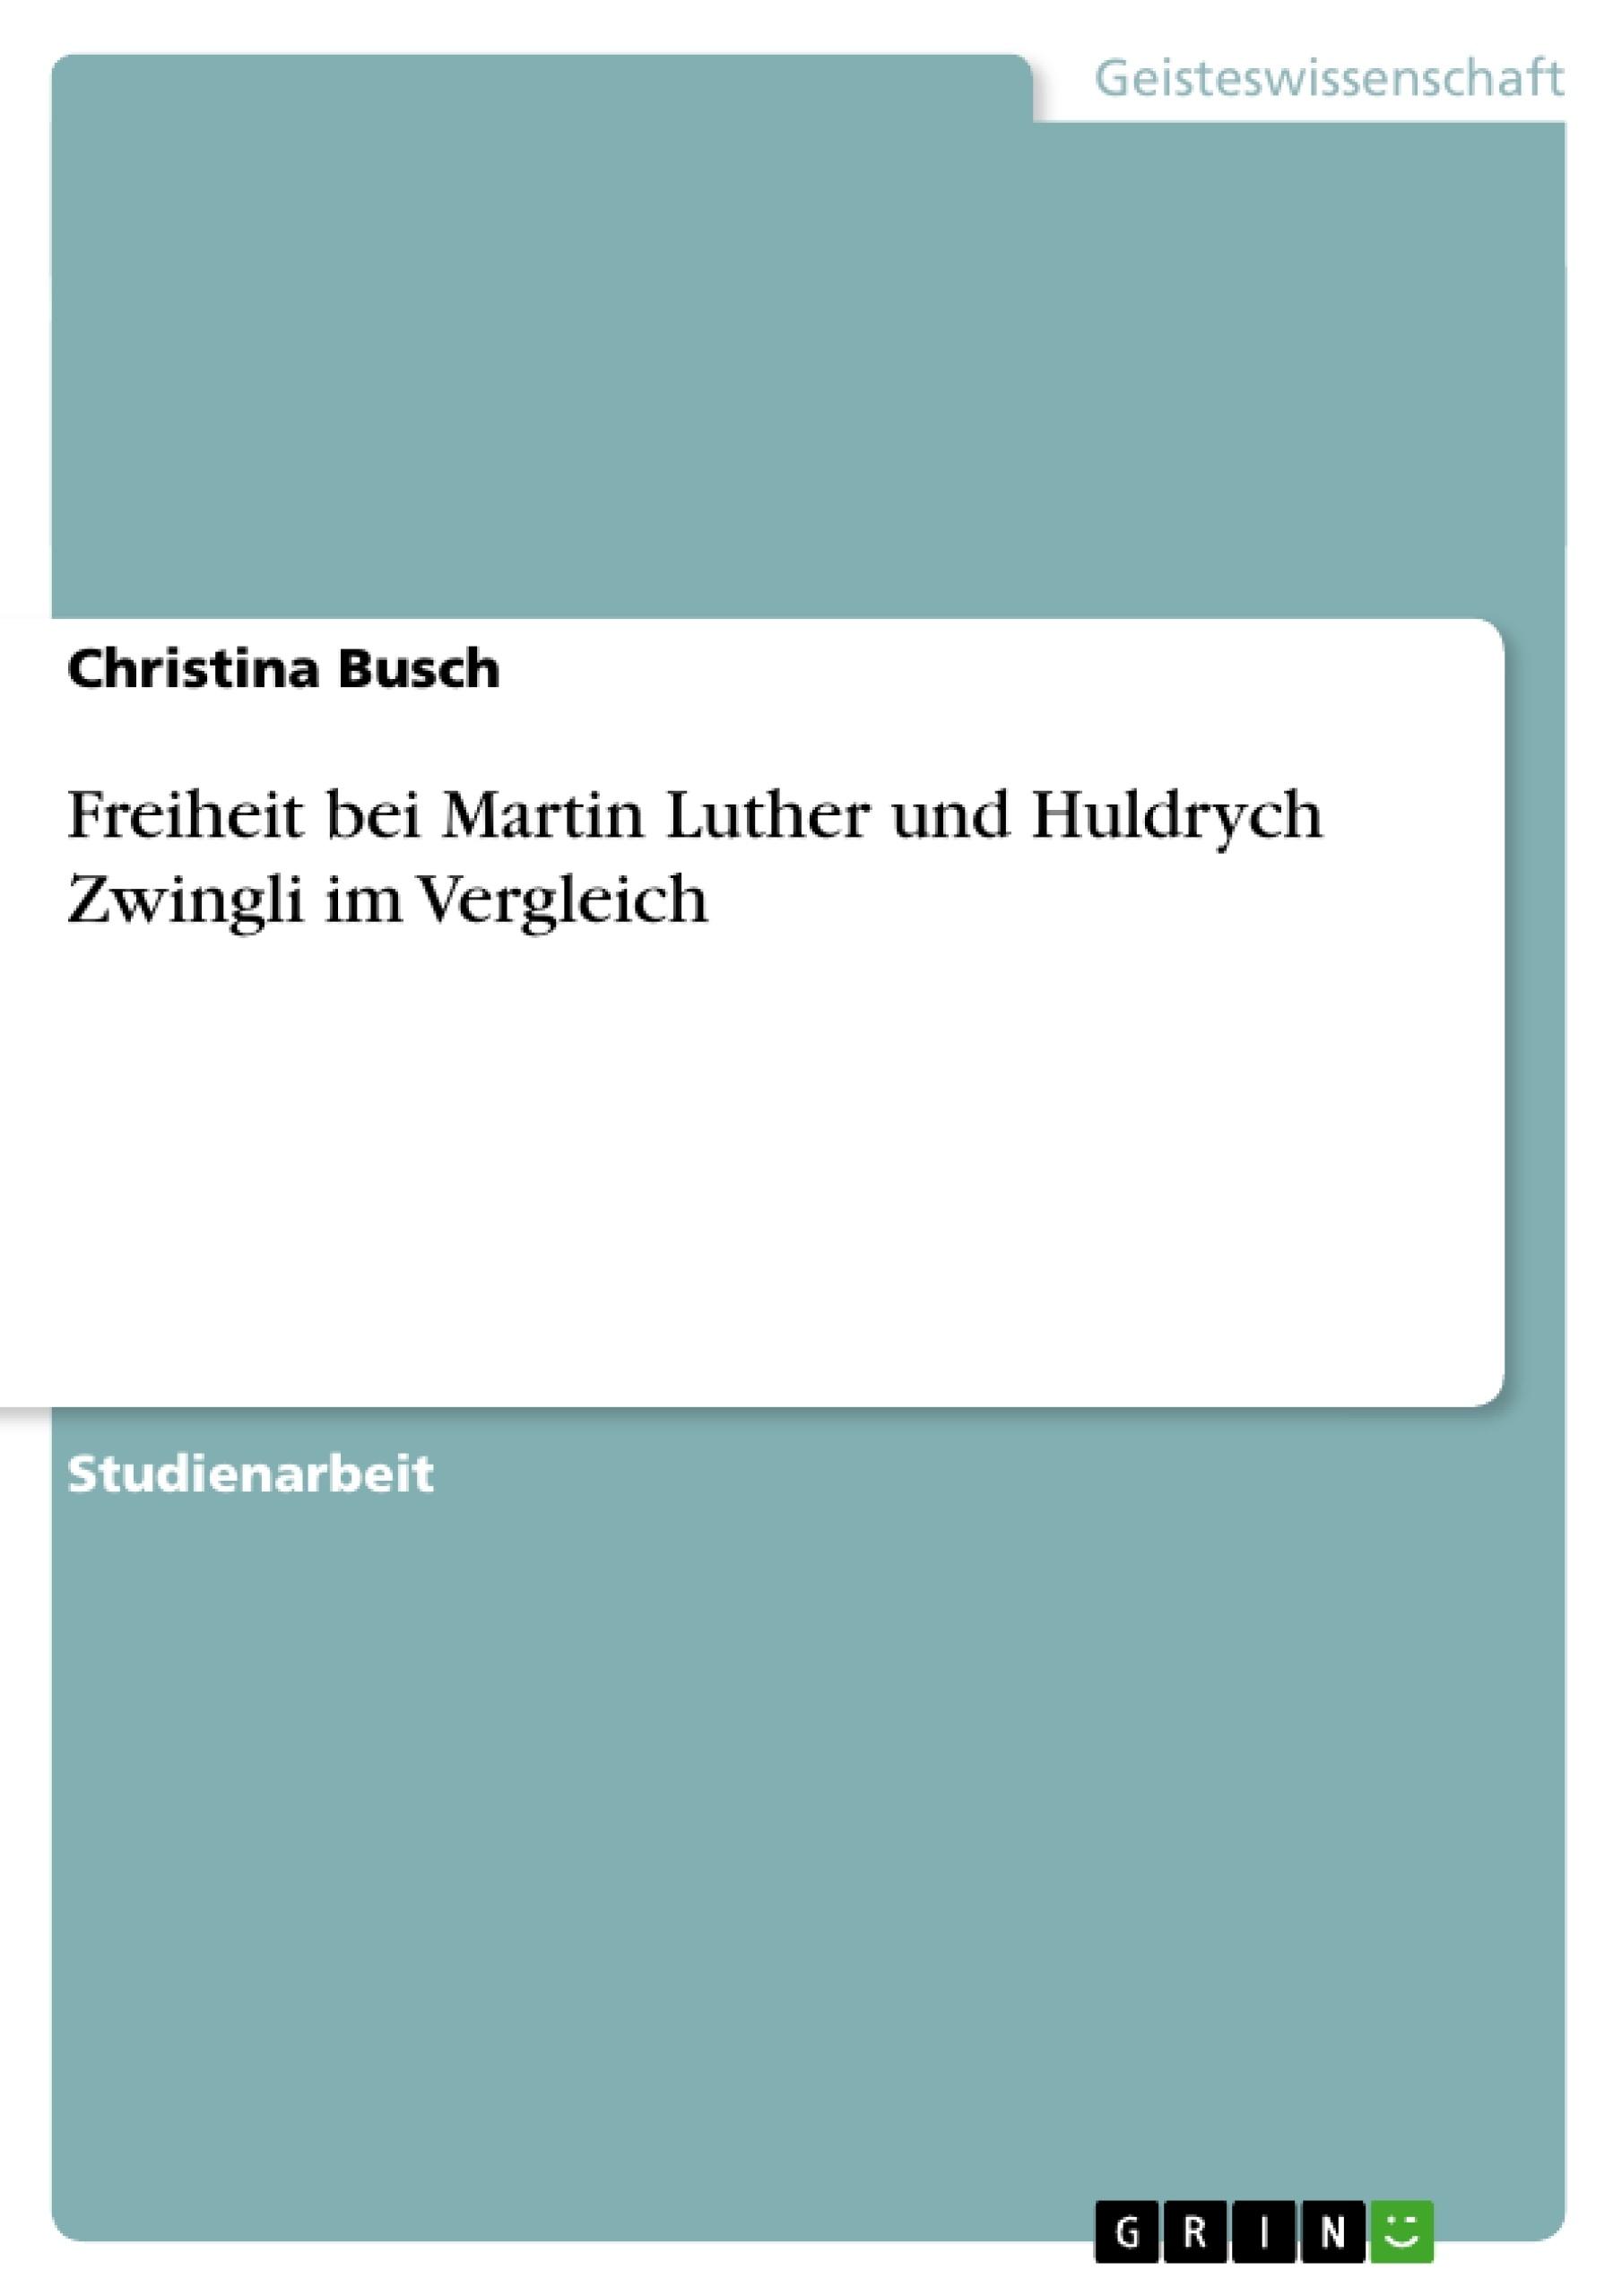 Titel: Freiheit bei Martin Luther und Huldrych Zwingli im Vergleich